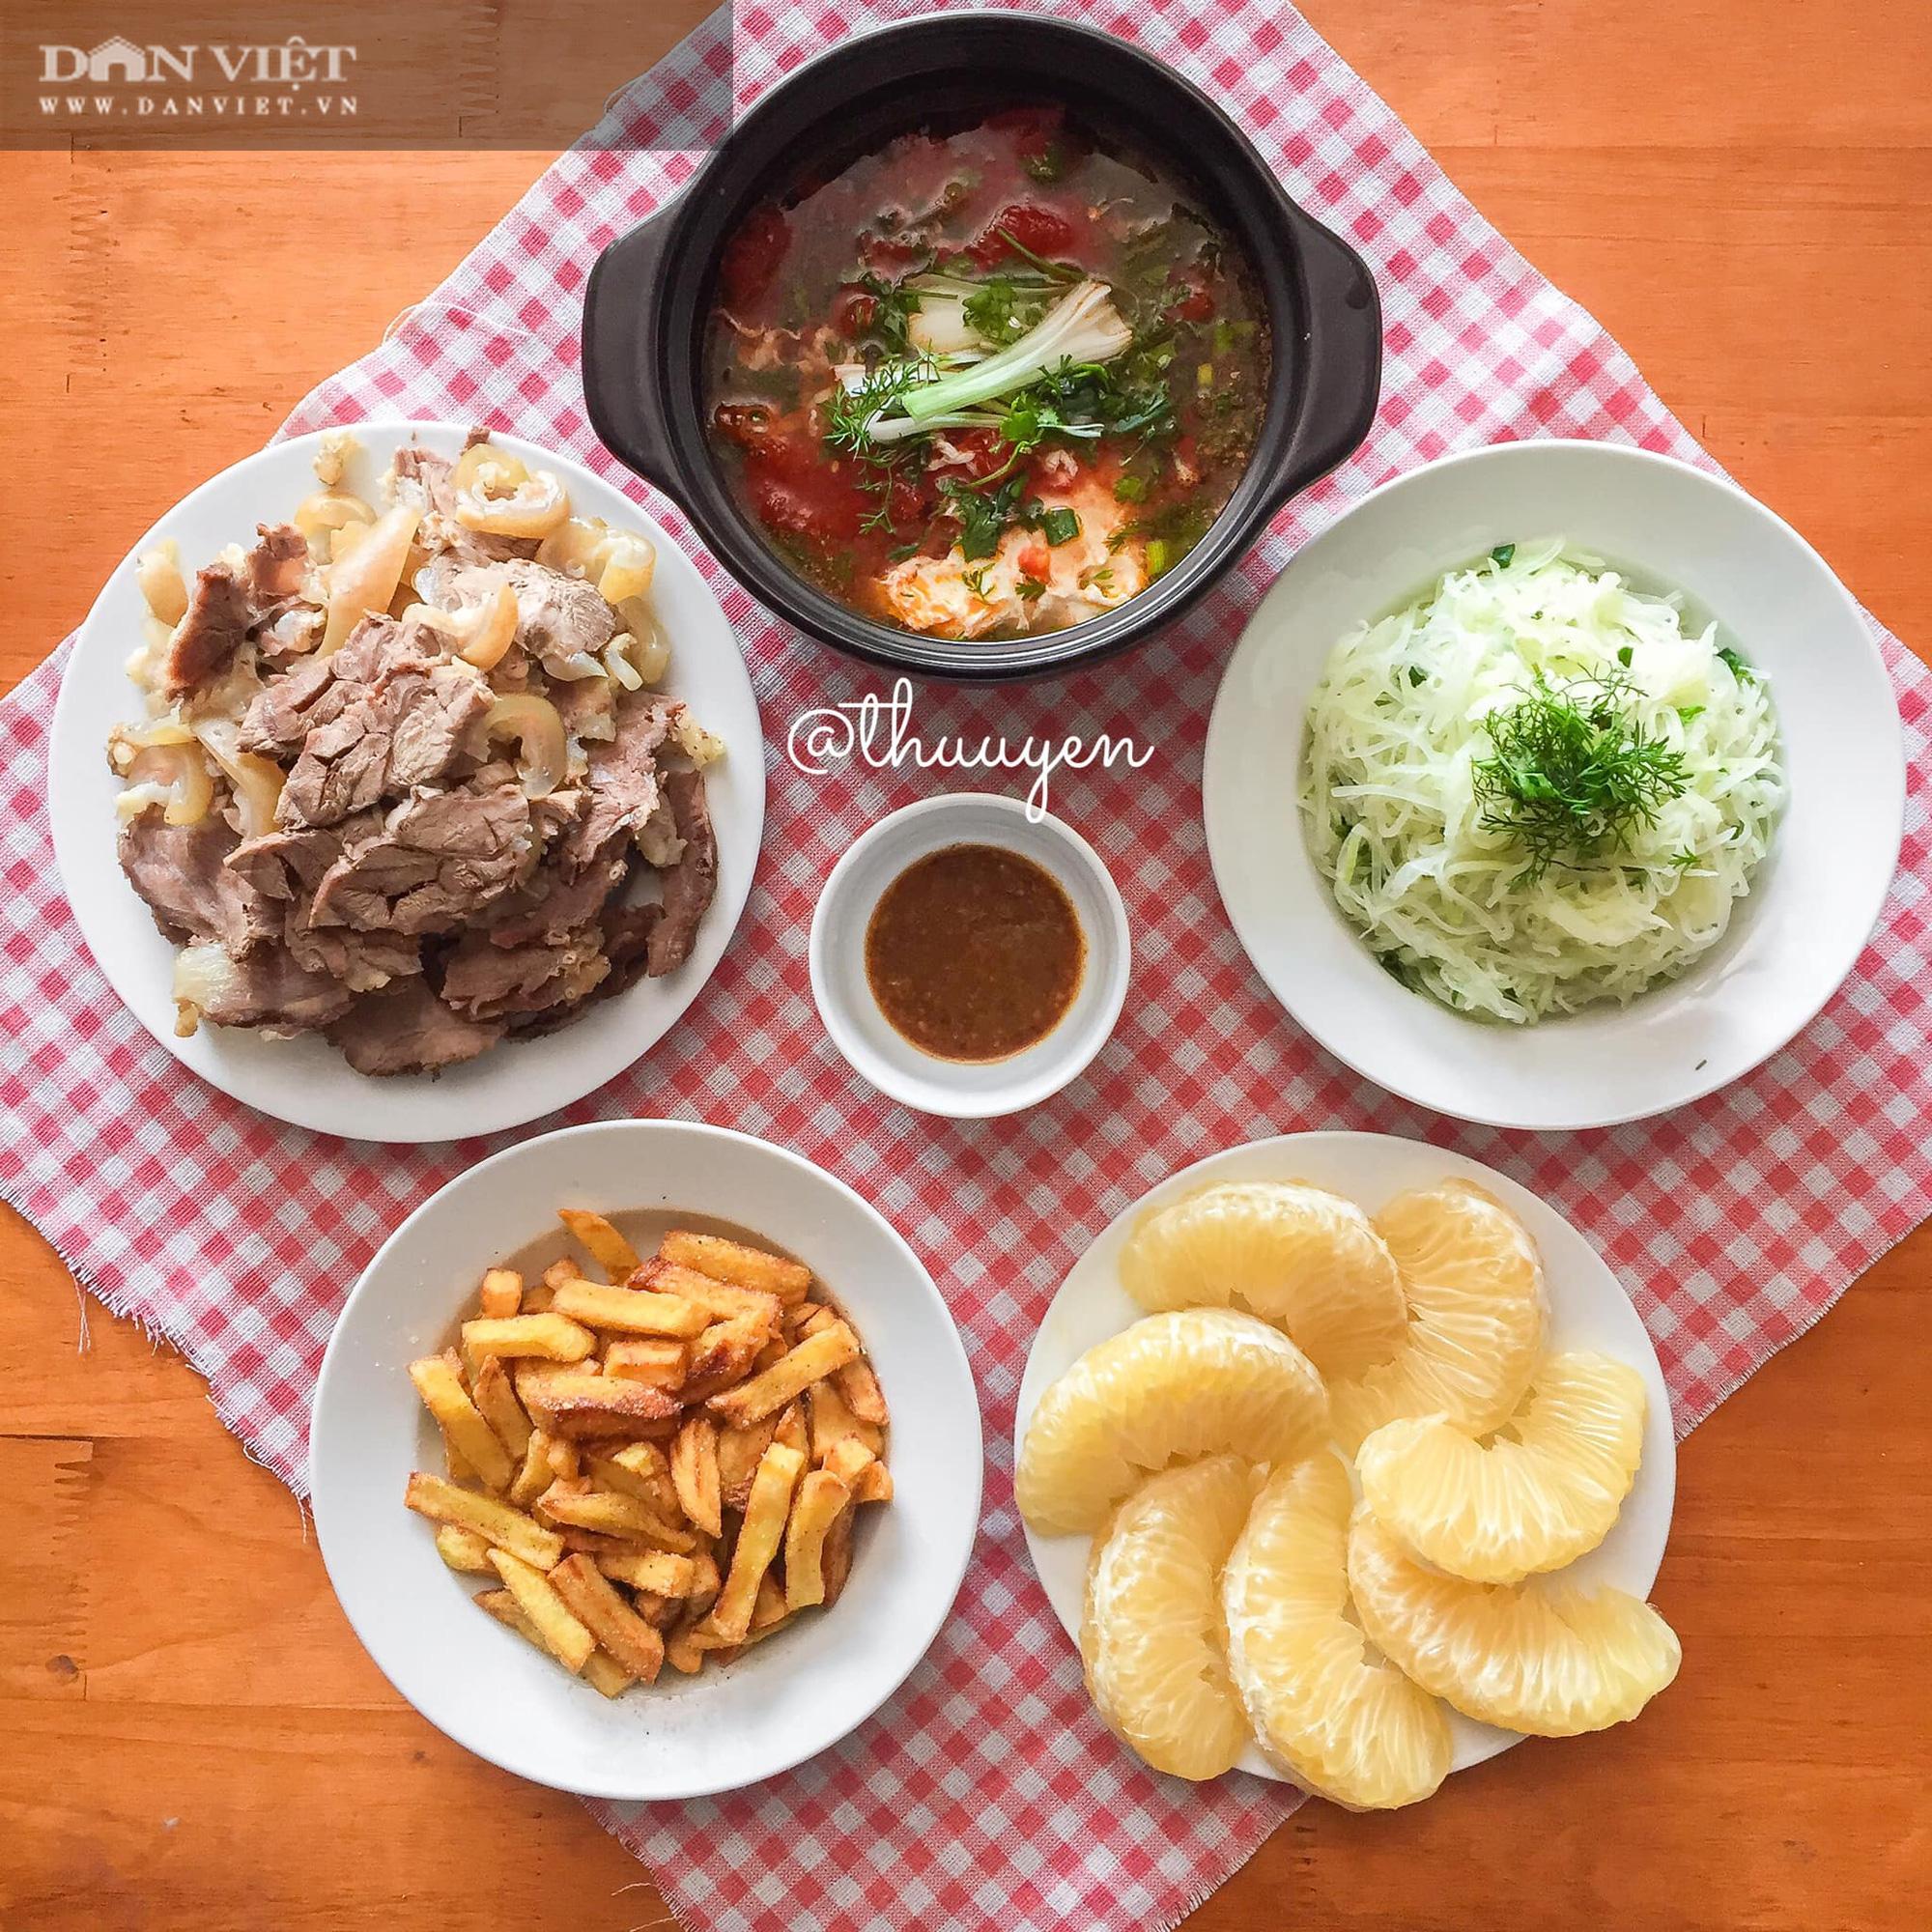 Gợi ý 9 thực đơn cho bữa cơm gia đình xua tan cái nóng của mùa hè - Ảnh 4.